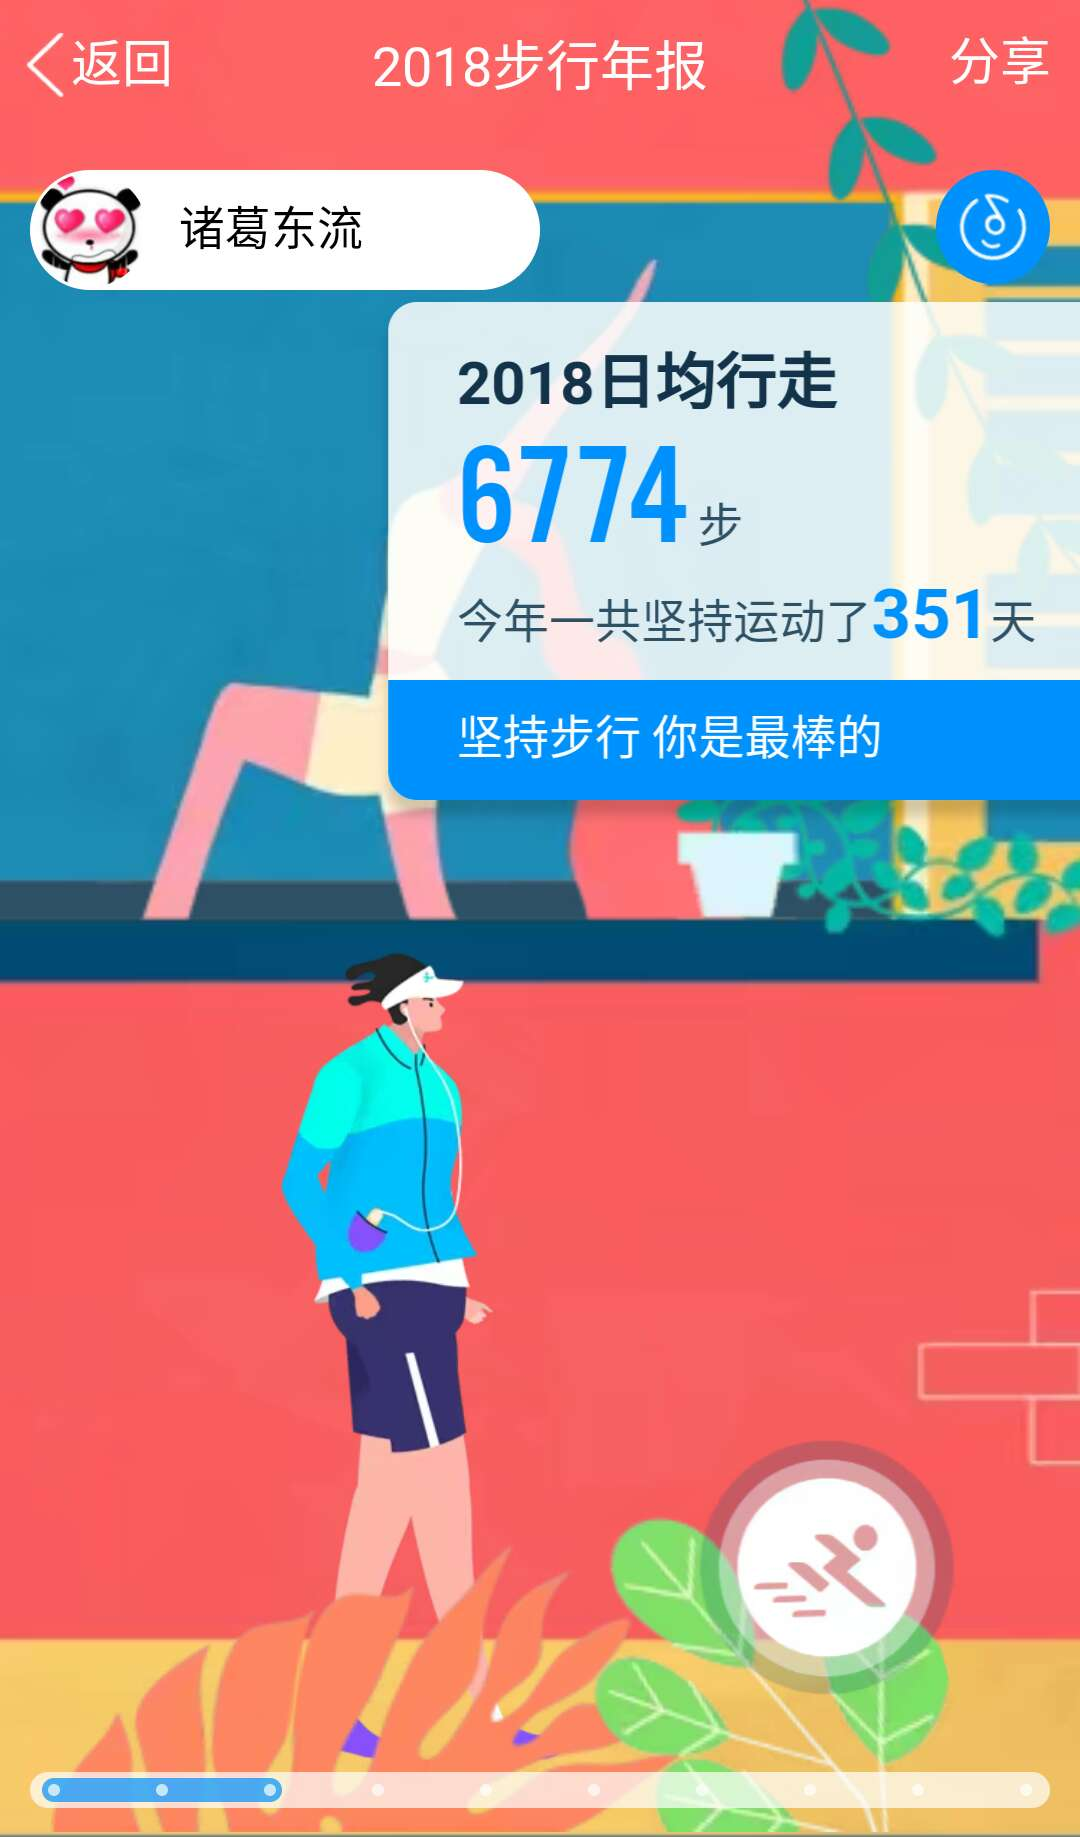 3.jpg 2018年步行年报(三),2019继续保持,稳步前进,减肥成功 生活随笔